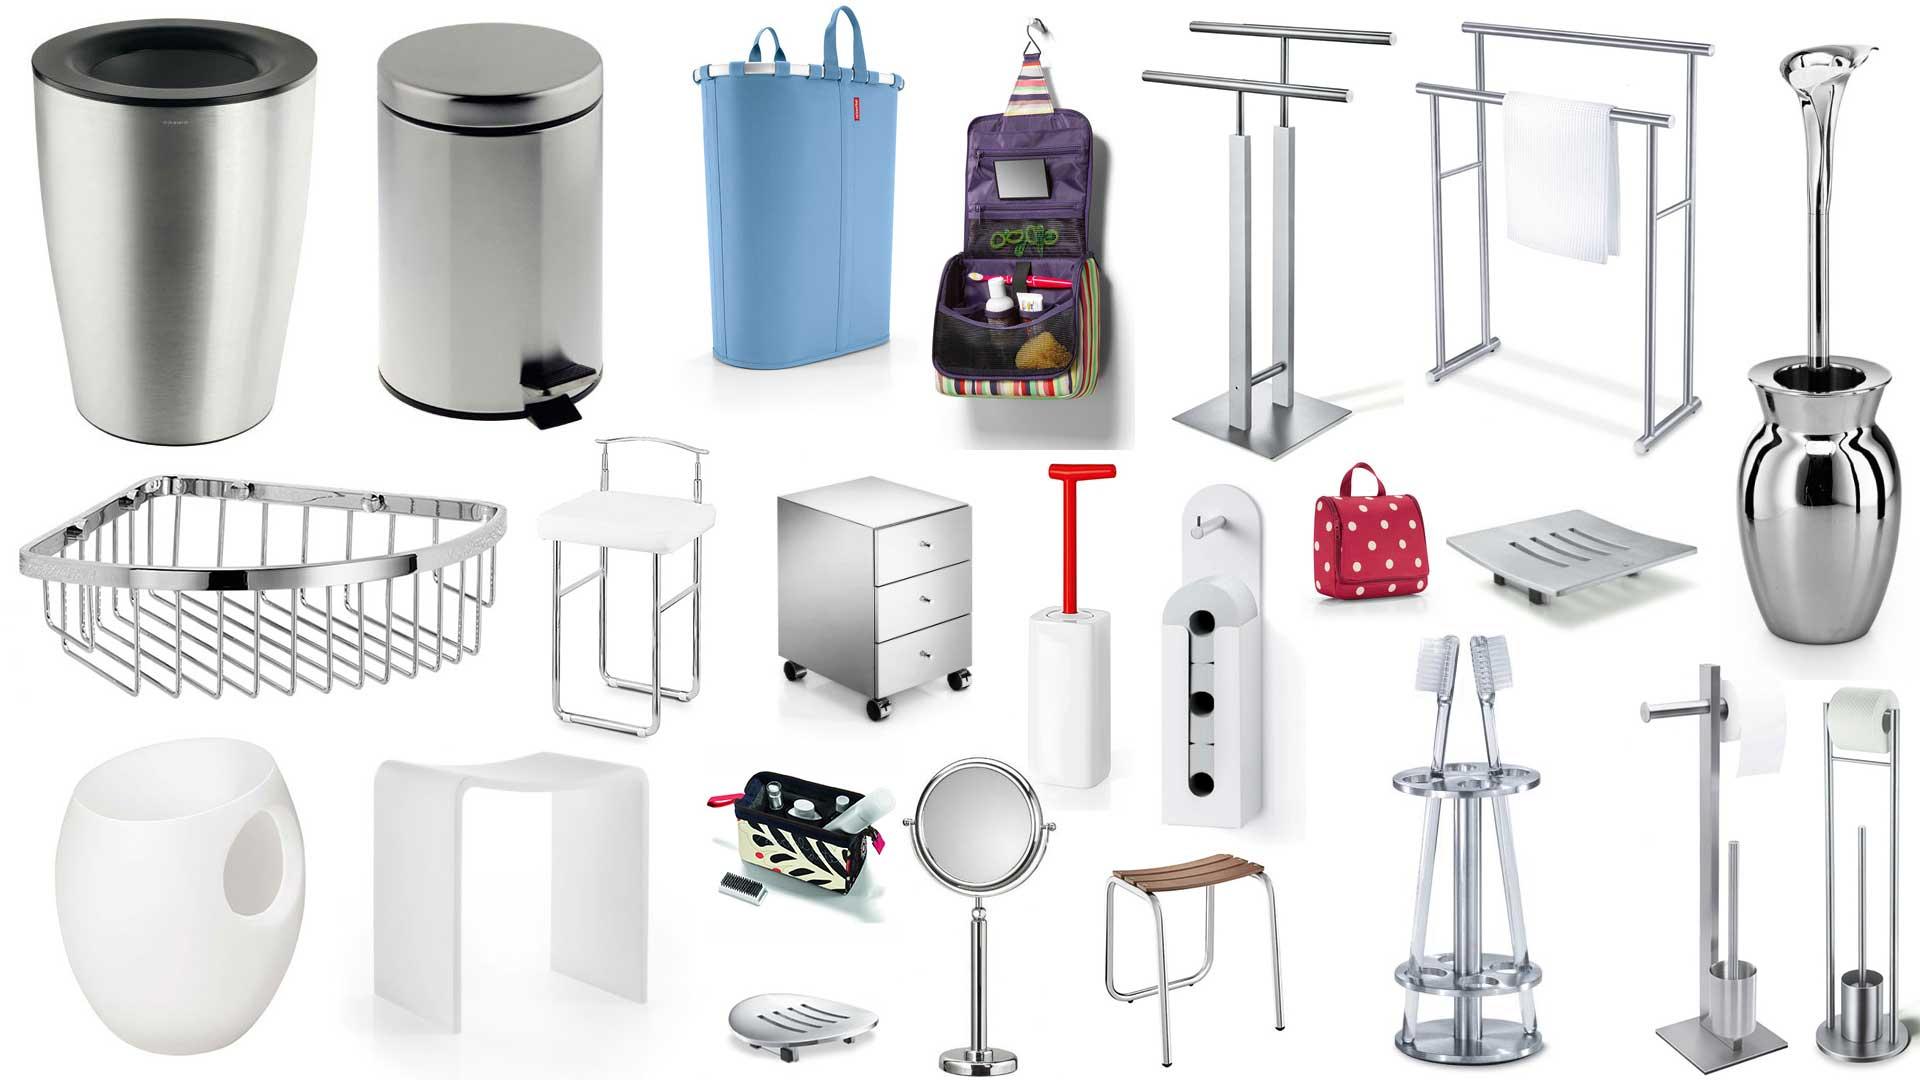 accessoires divers pour la salle de bains. Black Bedroom Furniture Sets. Home Design Ideas